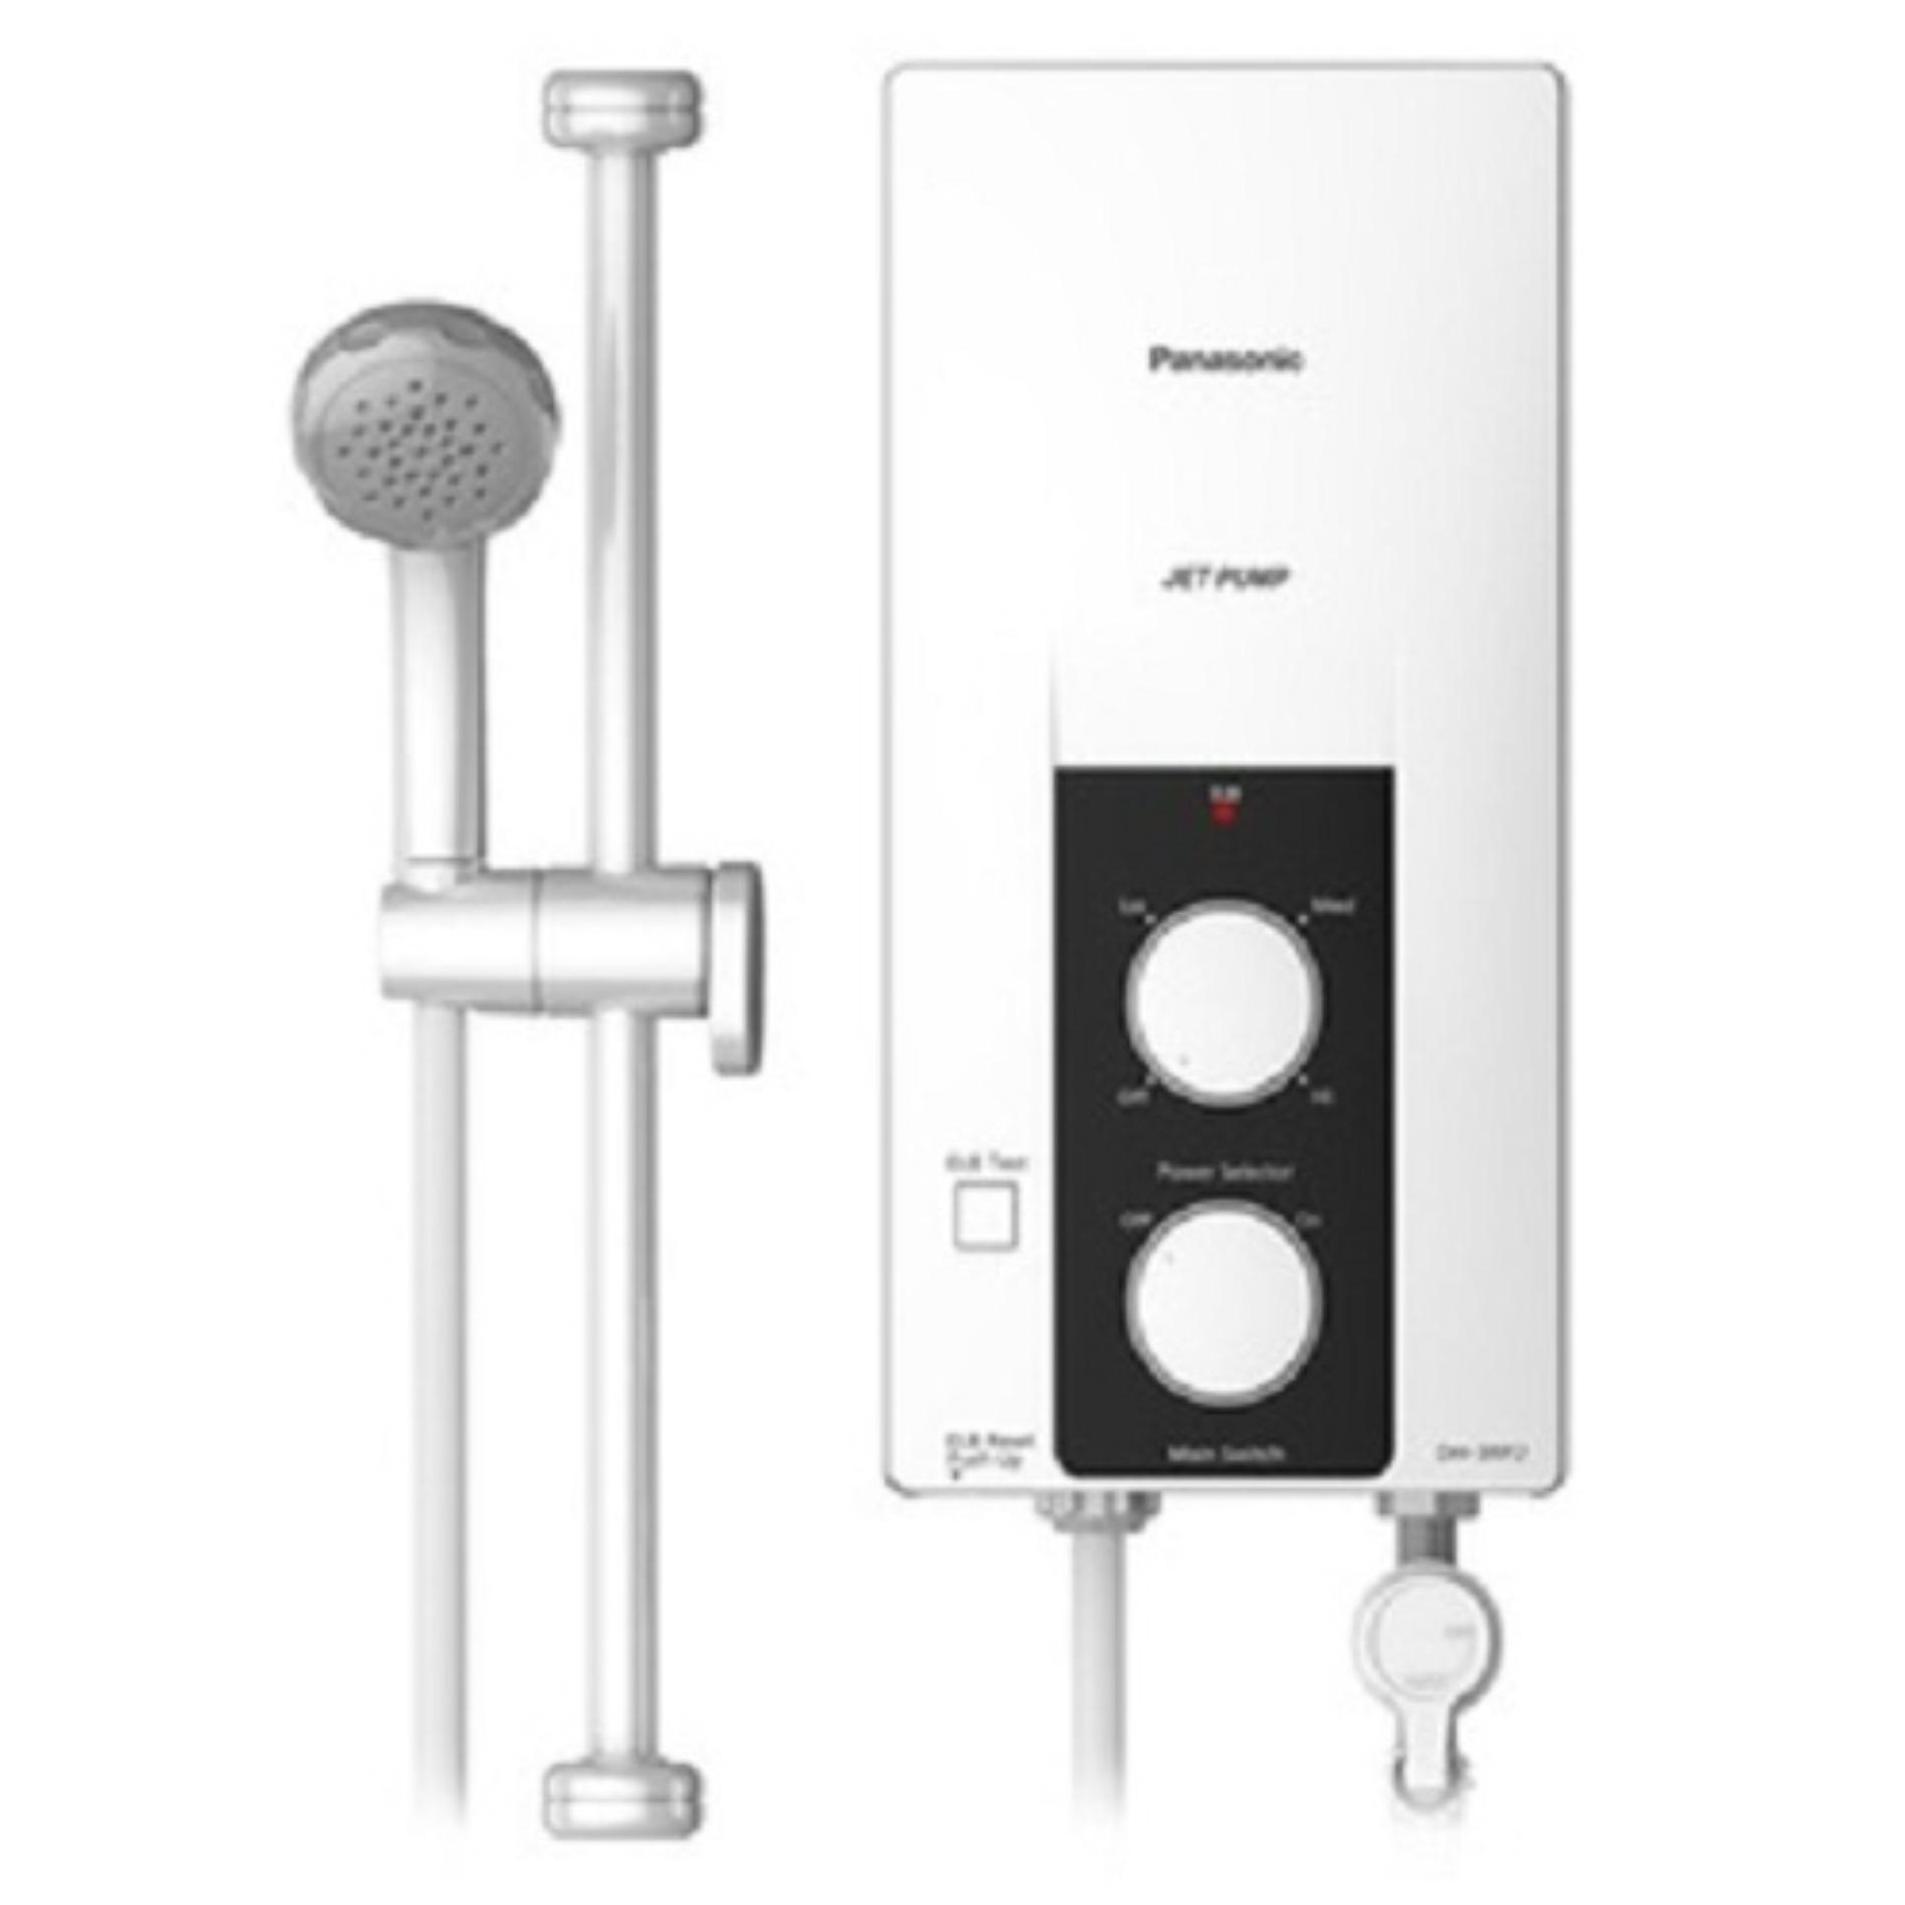 Bảng giá Máy nước nóng có bơm công xuất 3.5kw  - DH- 3RP2VK panasonic bảo hành 5 năm